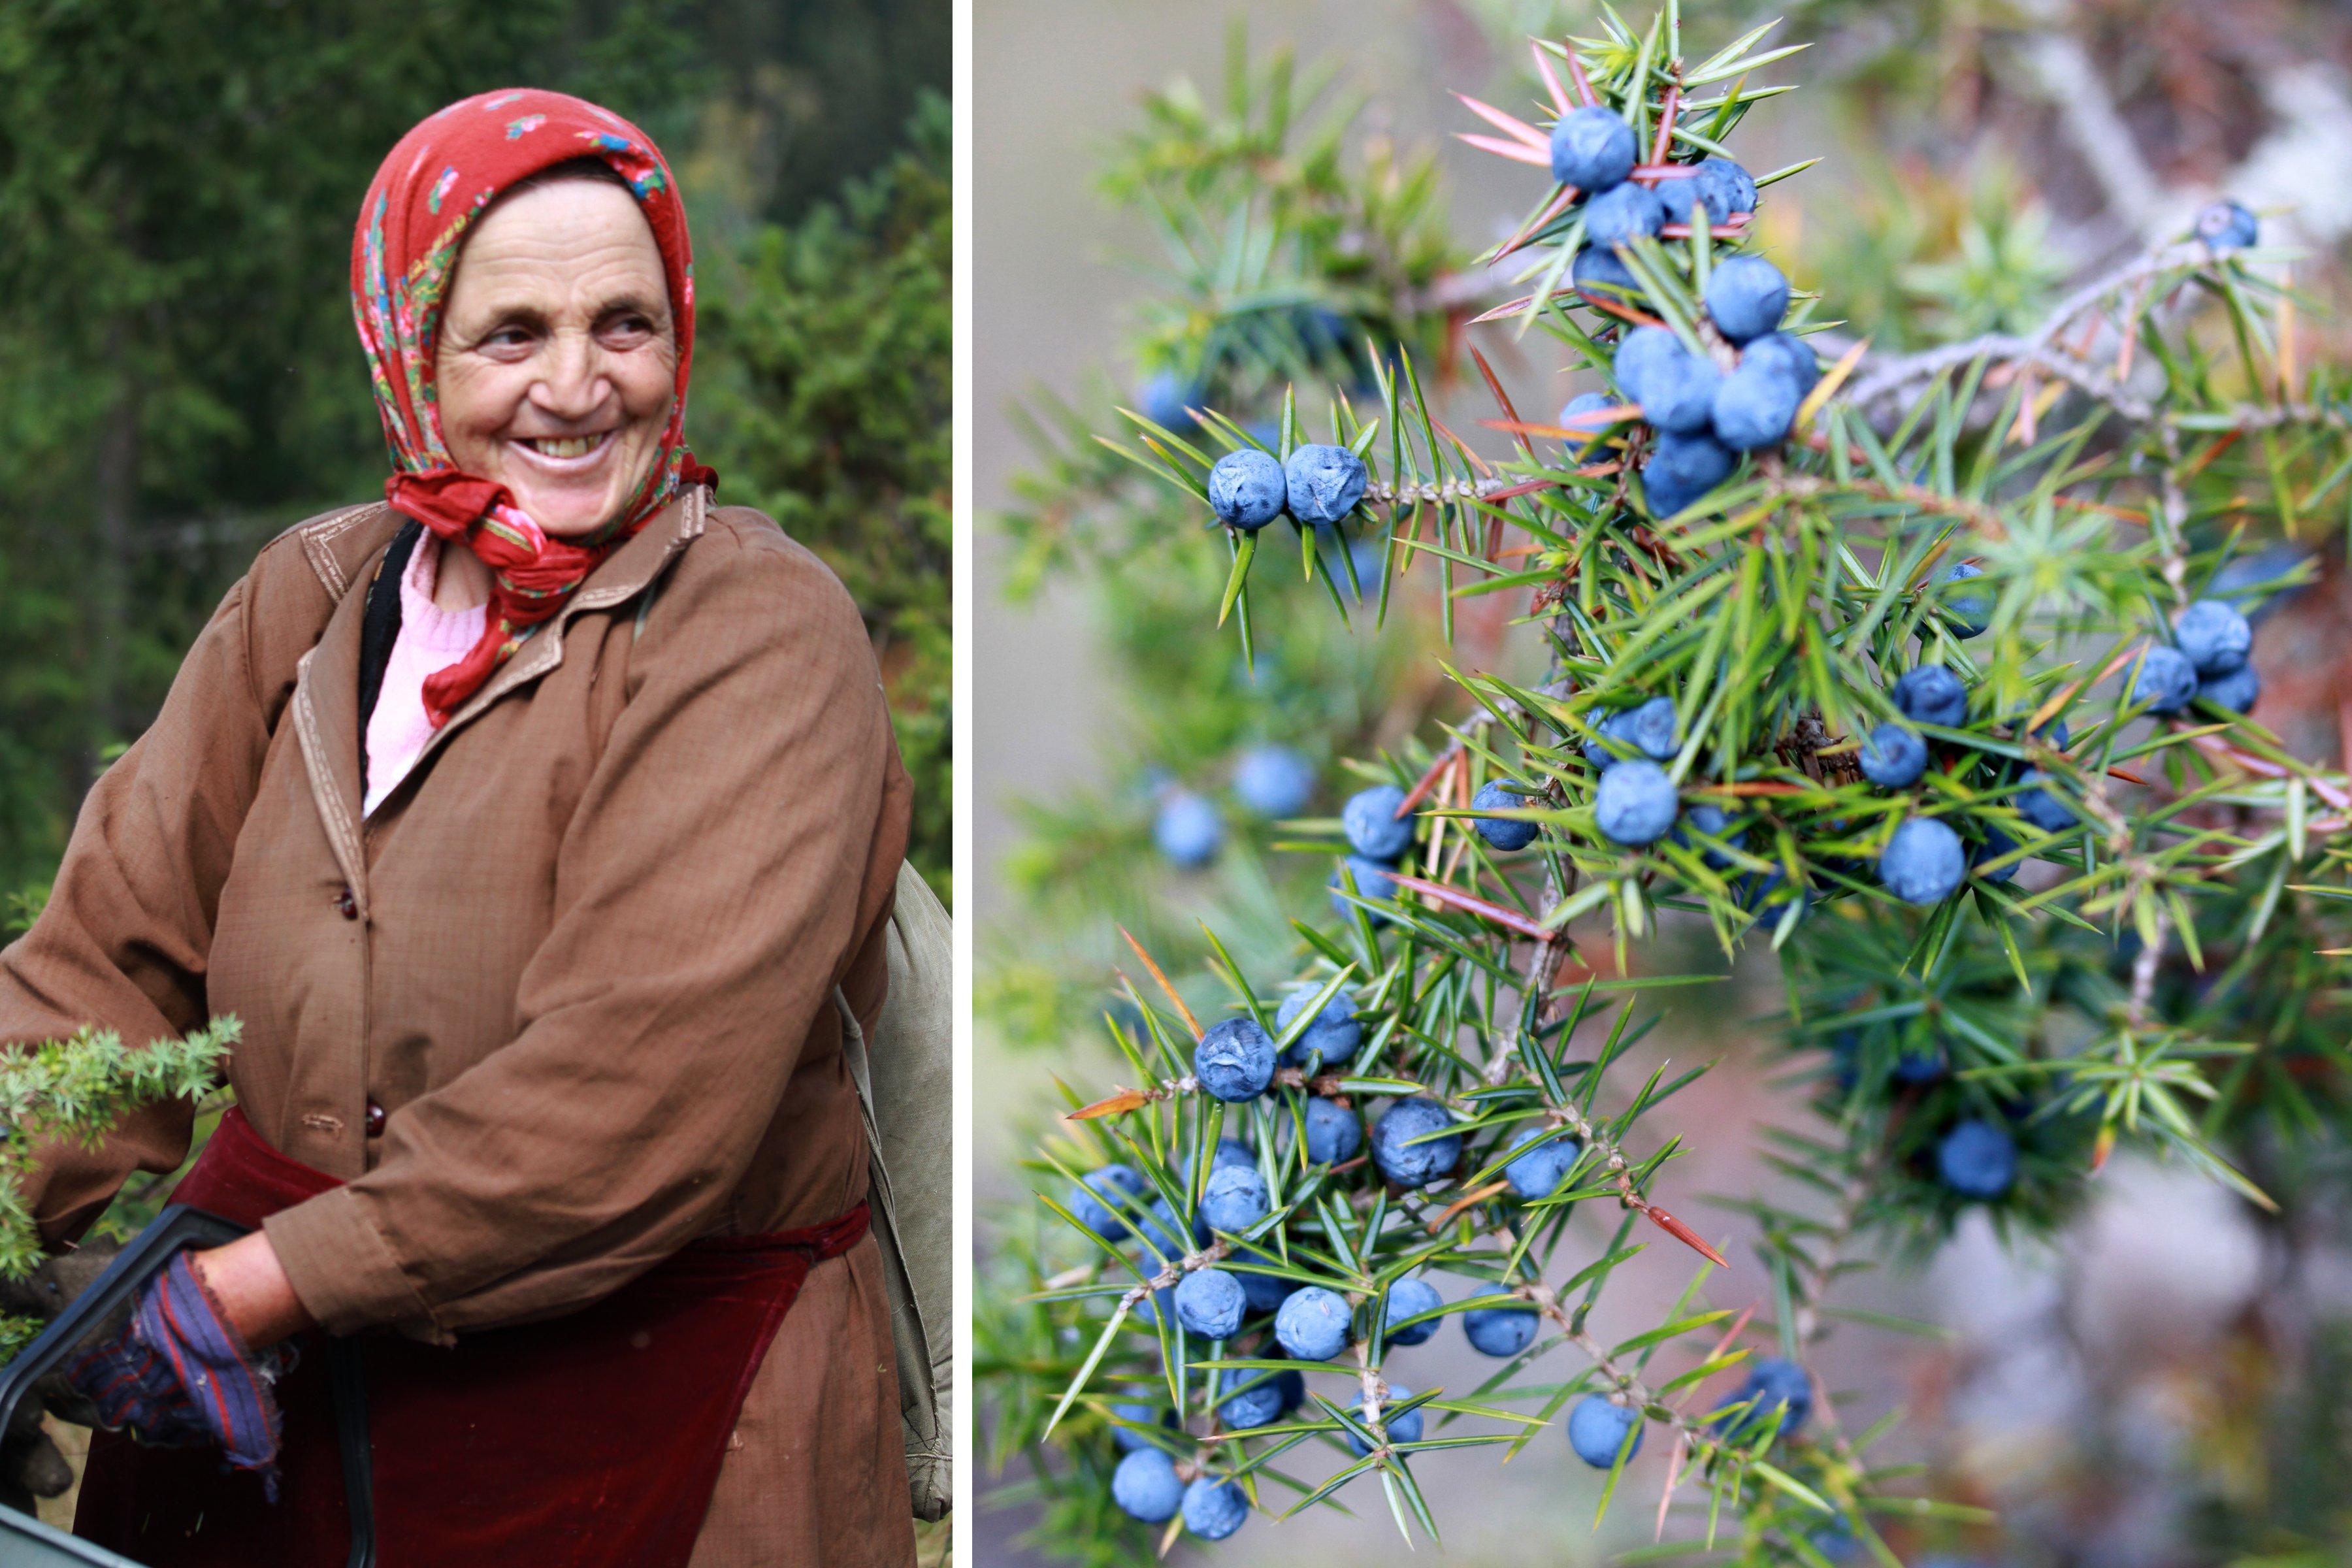 Seasoned hard working elder alongside juniper berry plant.